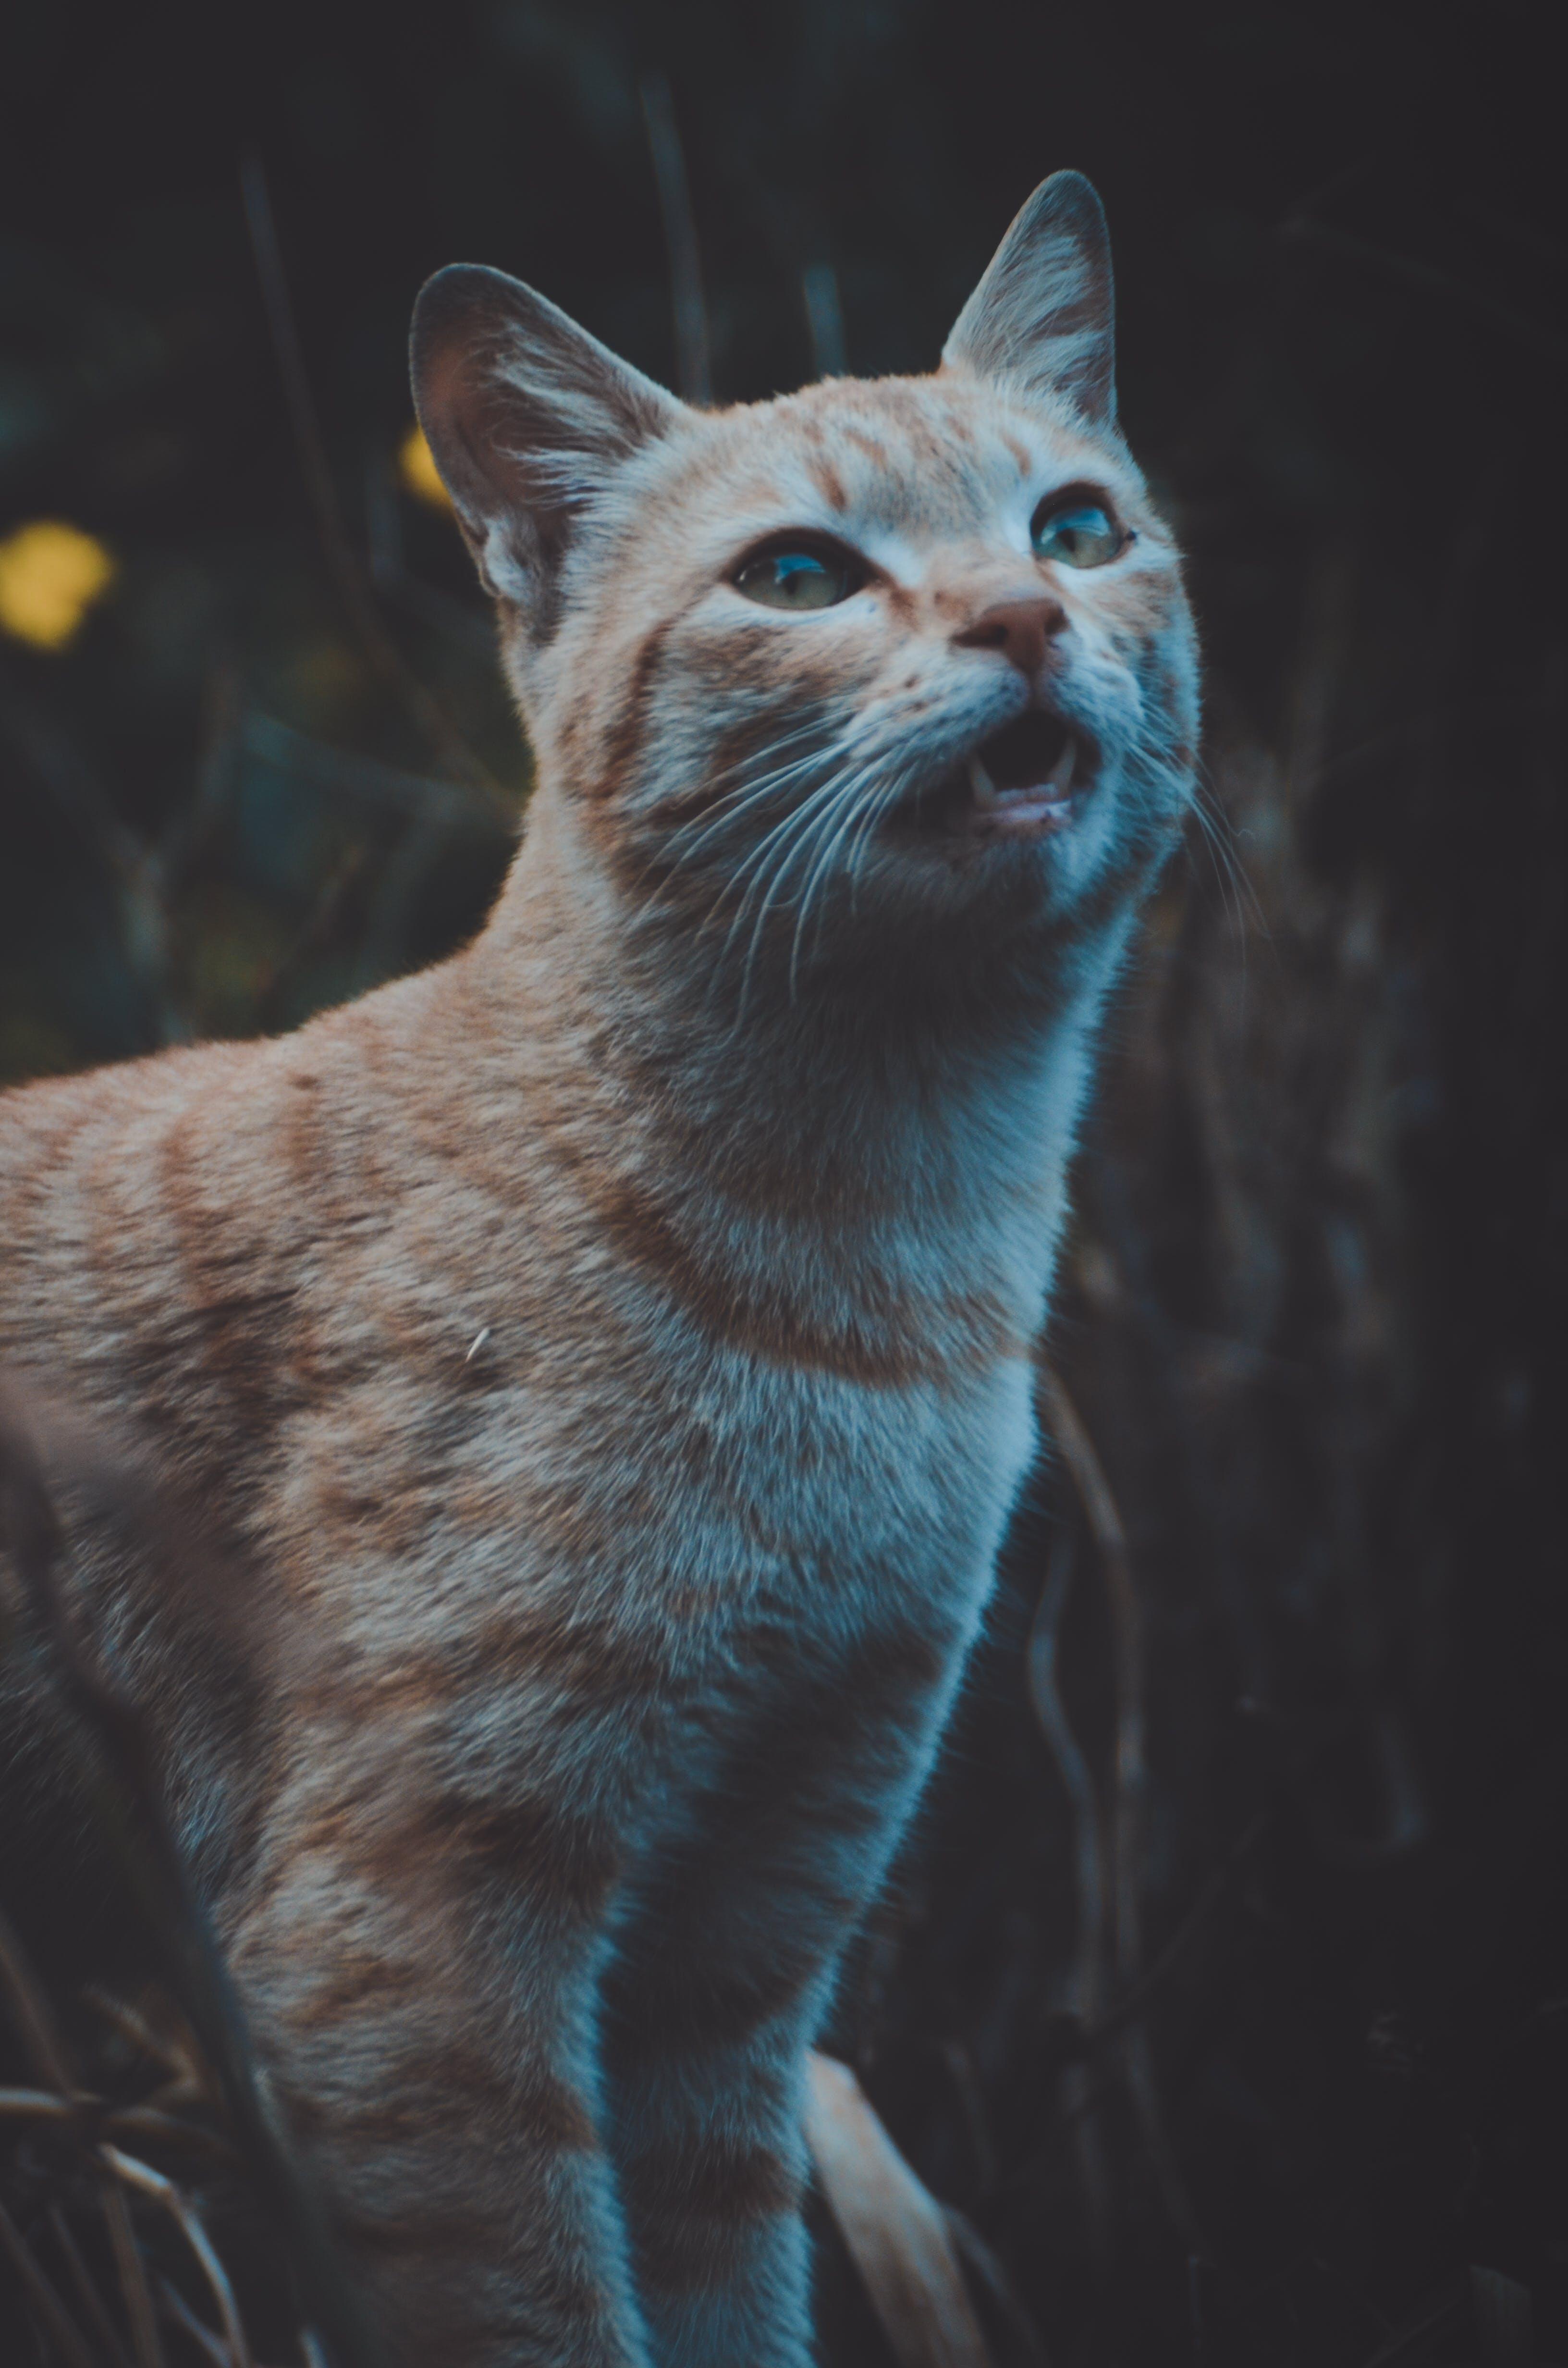 Gratis lagerfoto af dyr, dyrefotografering, kat, kæledyr